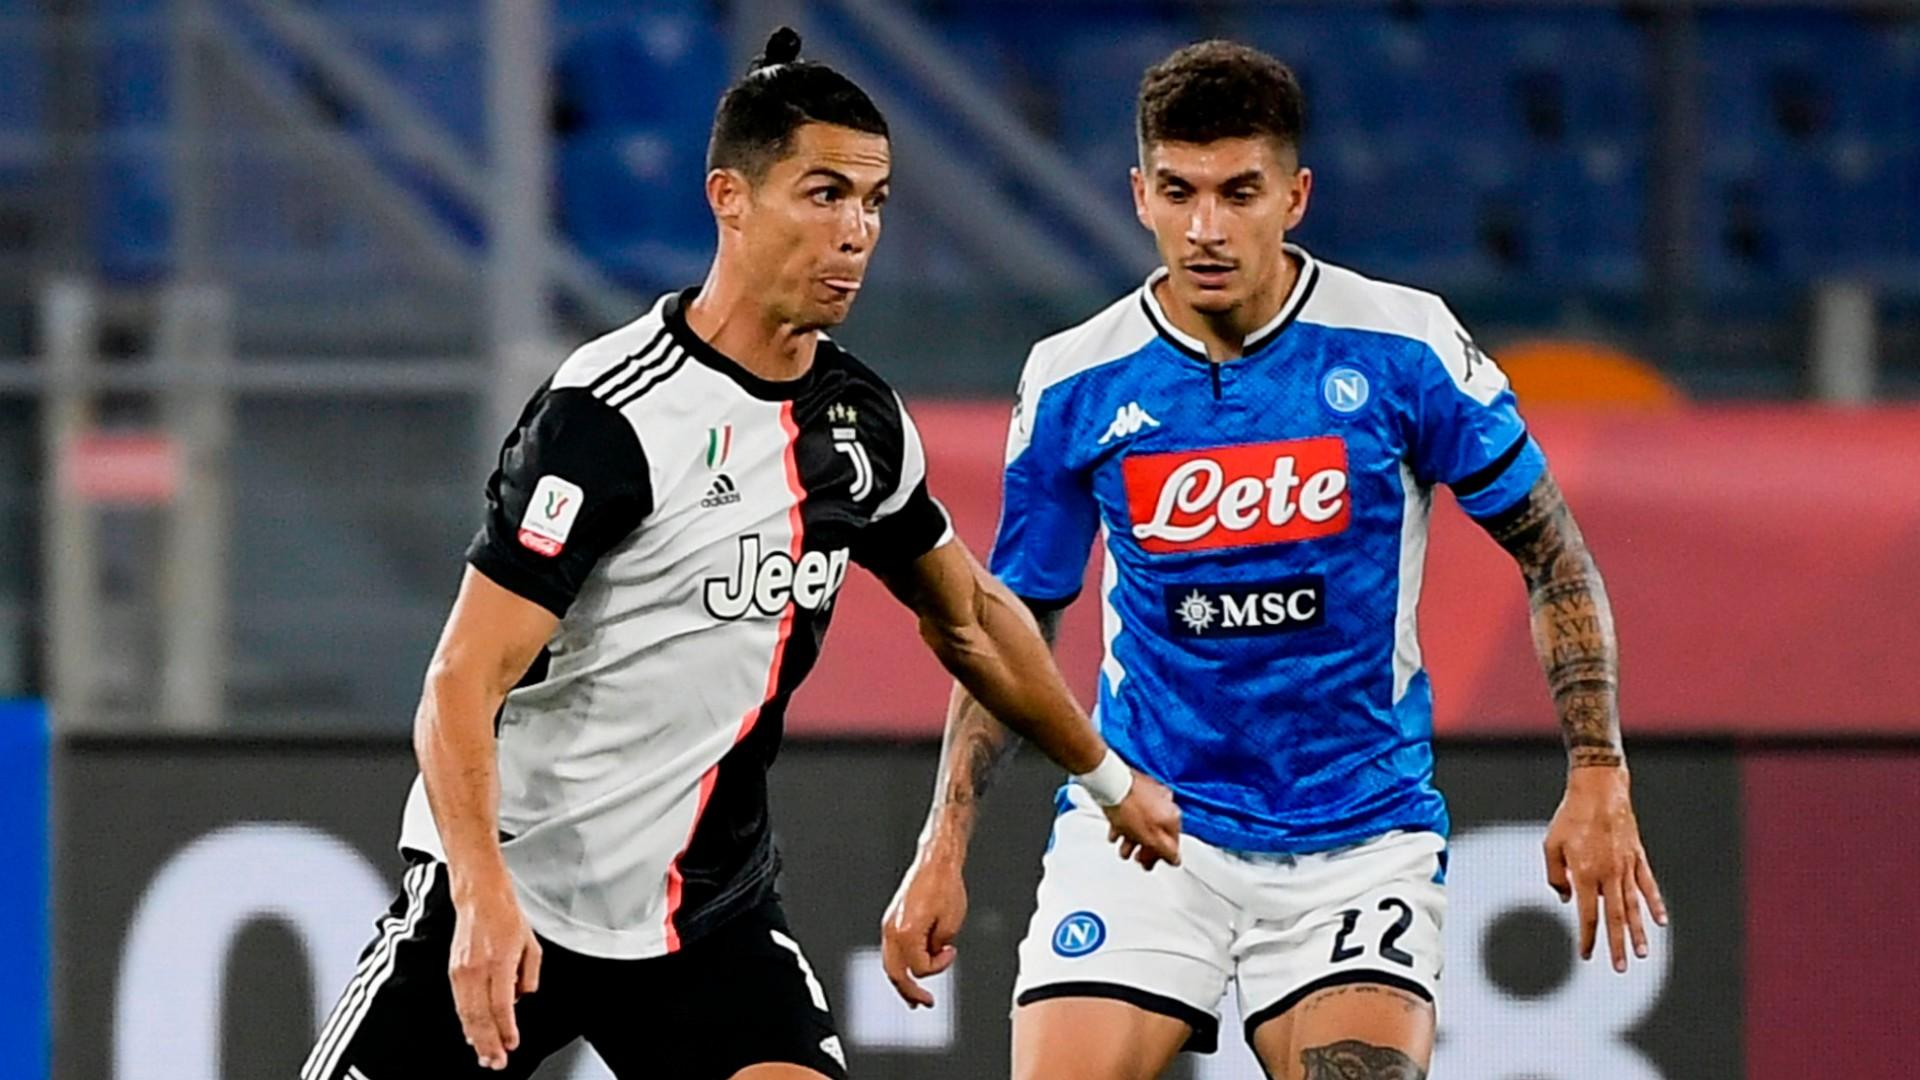 Ronaldo and other Juventus players lacking sharpness – Sarri